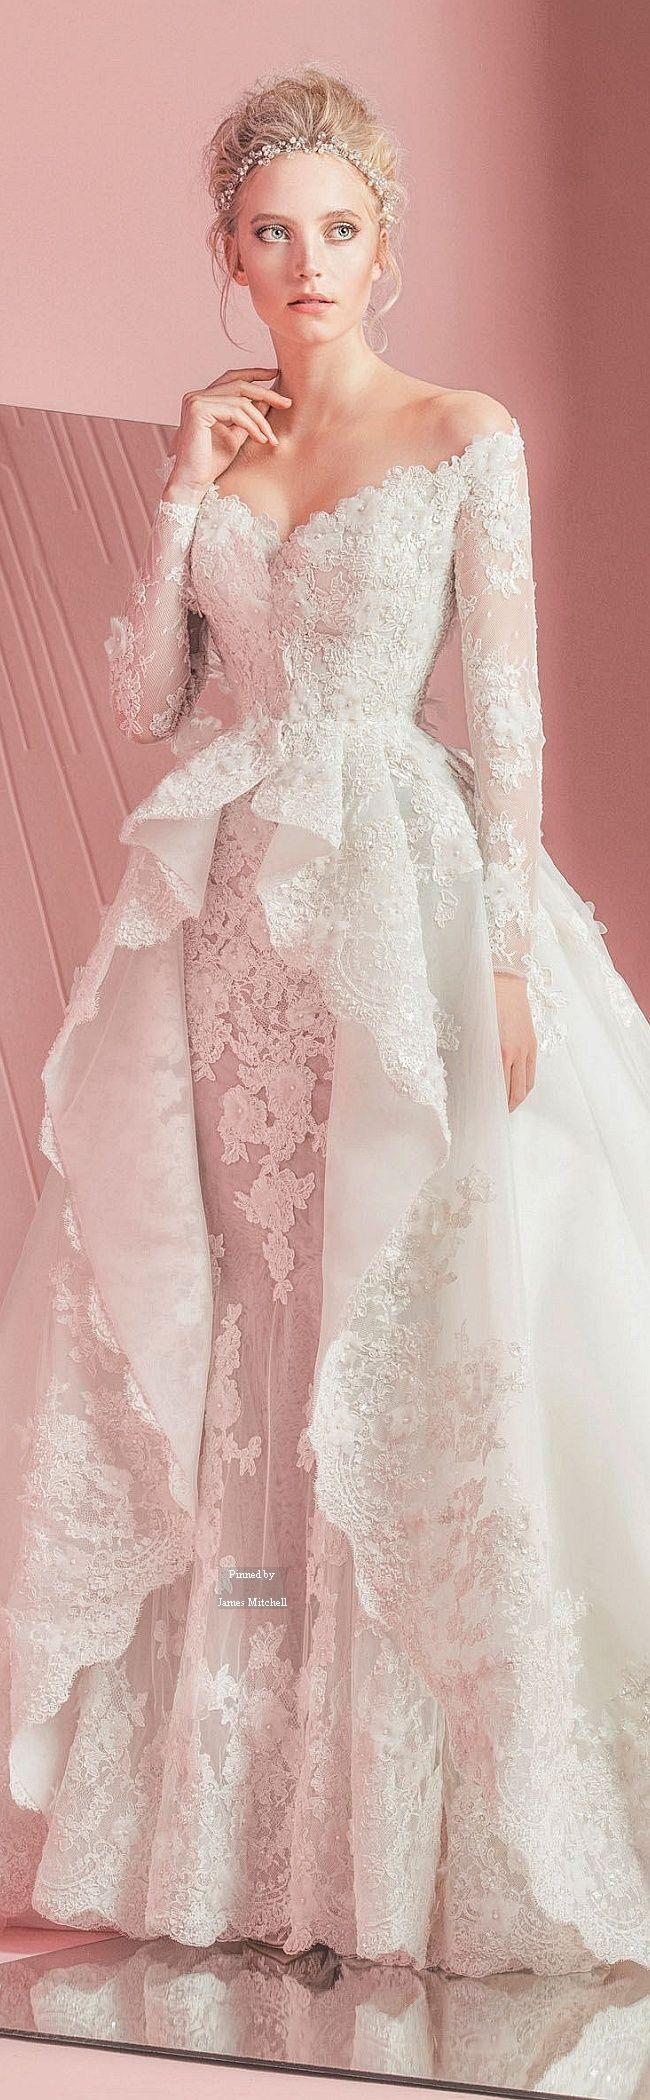 Vestido de novia <3 Inspírate en bodatotal.com/ bodas-vestido de ...